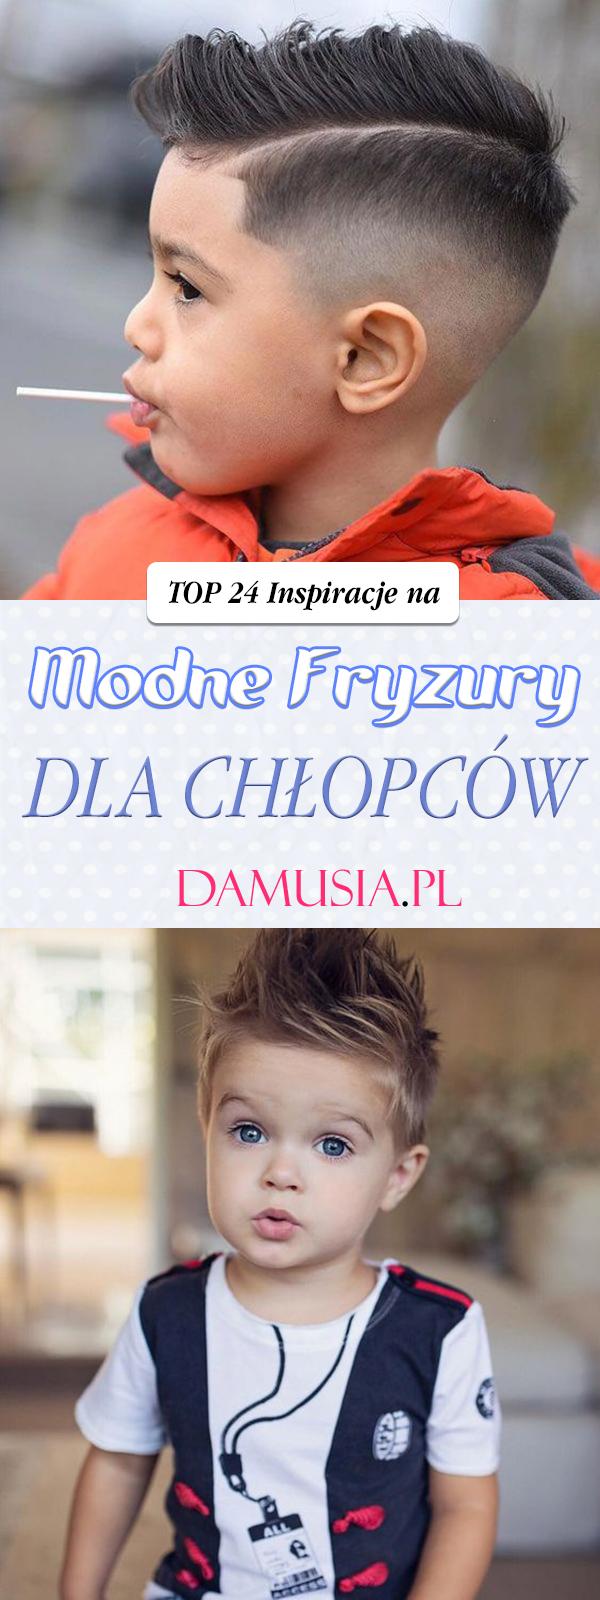 Modne Fryzury Dla Chłopców Top 24 Inspiracje Dla Twojej